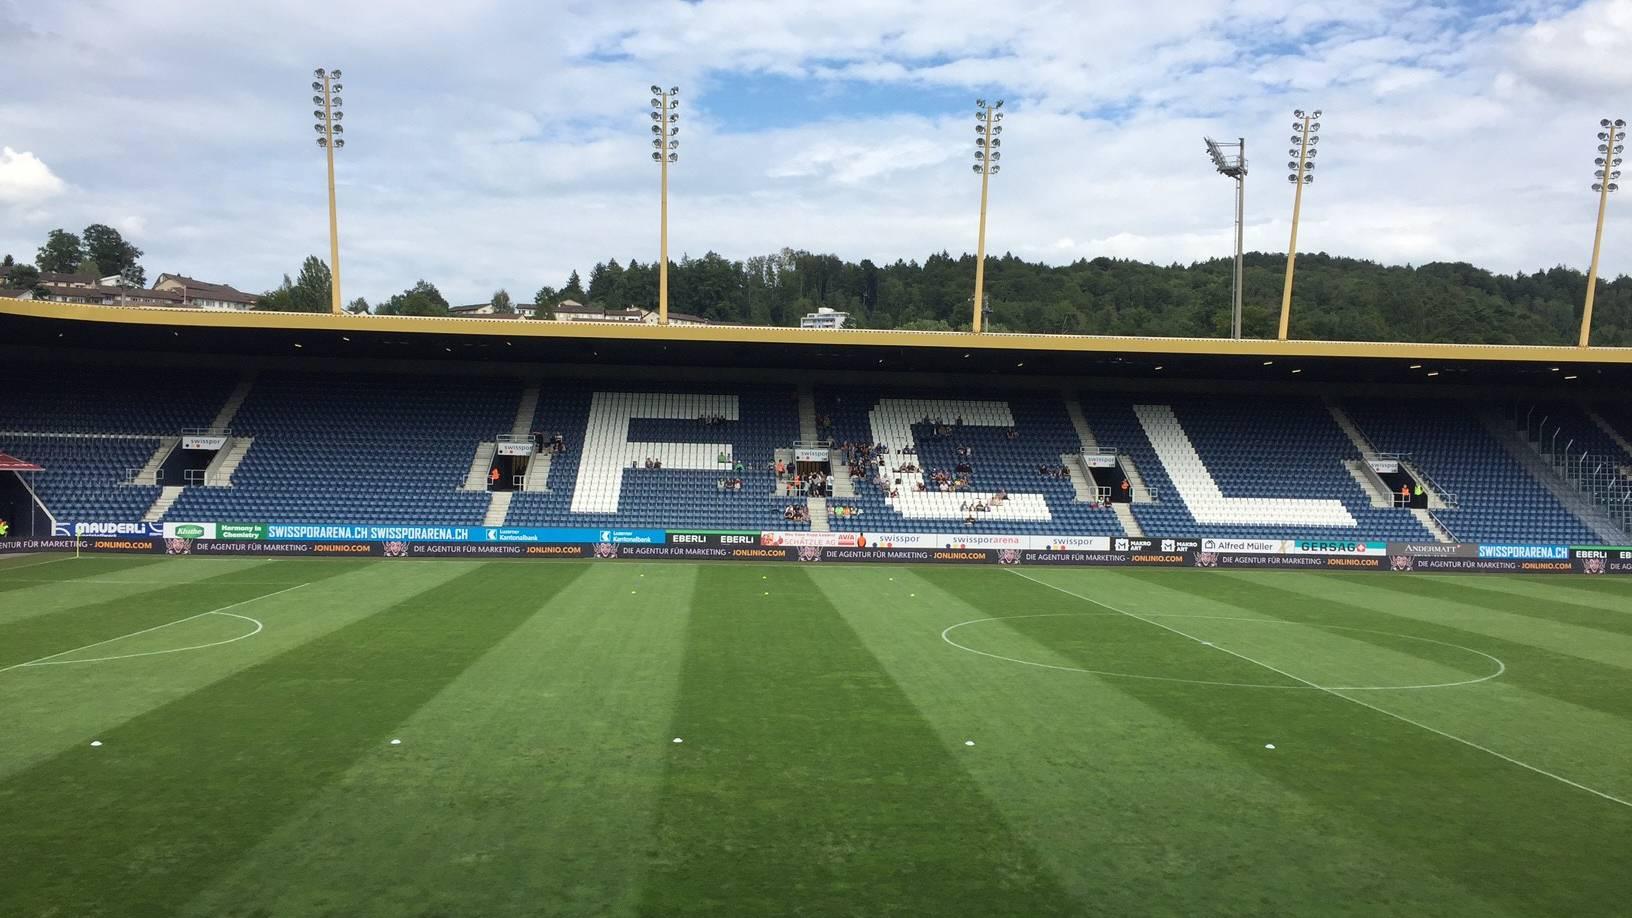 Neuer Rasen für Swissporarena